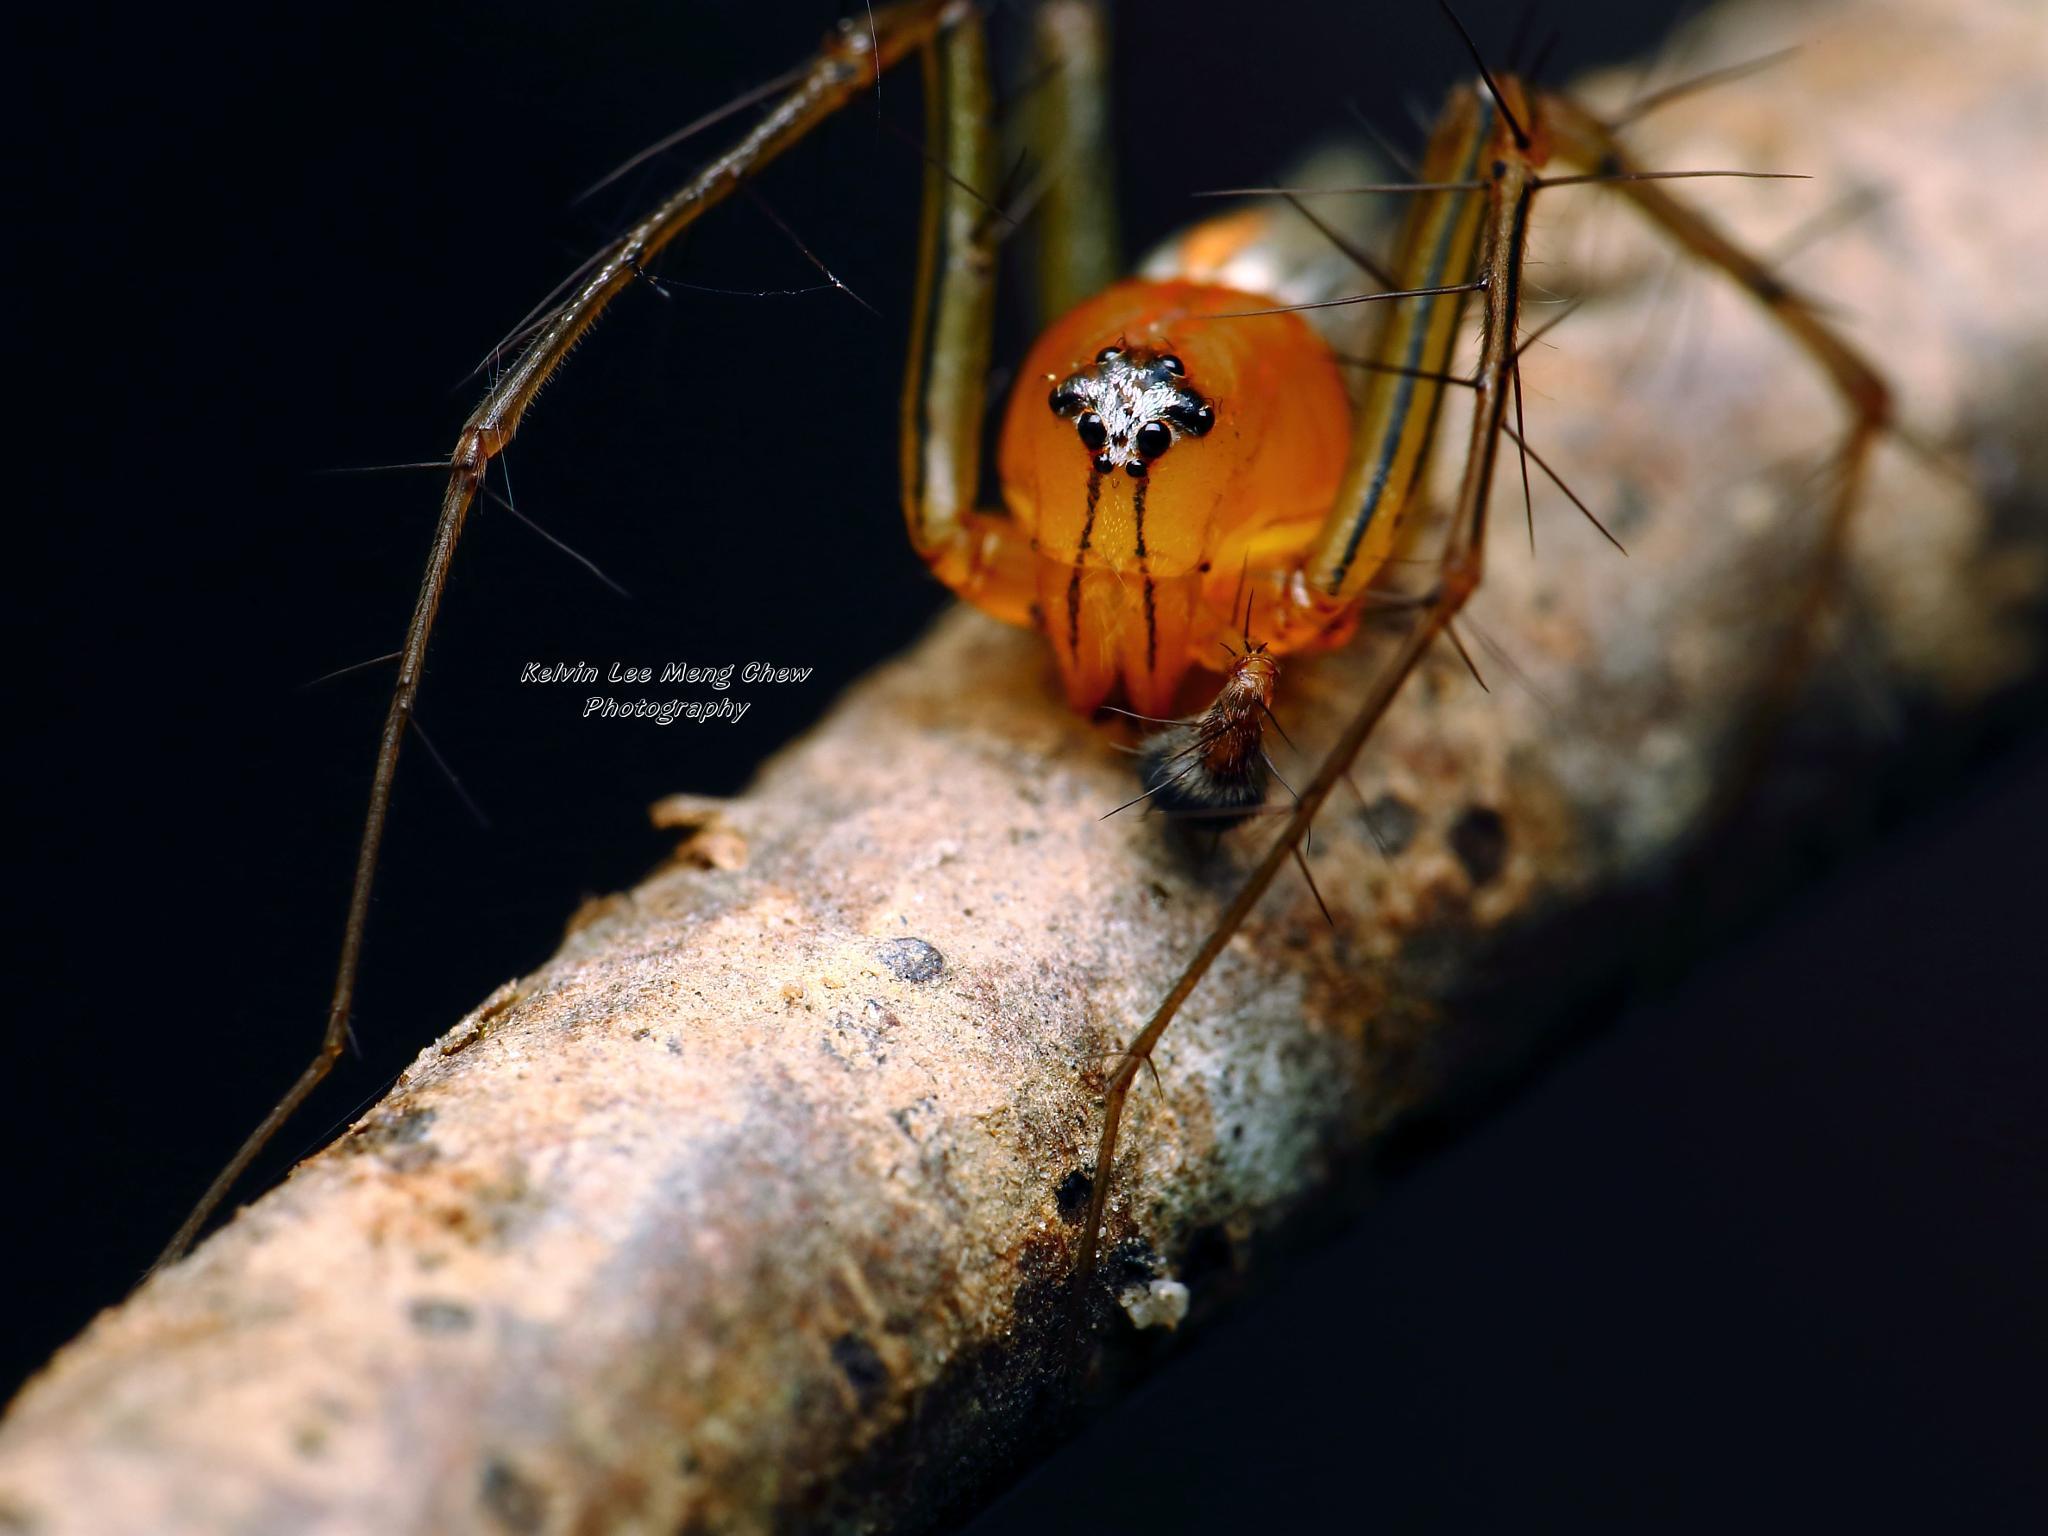 Lynx Spider by Kelvin Lee